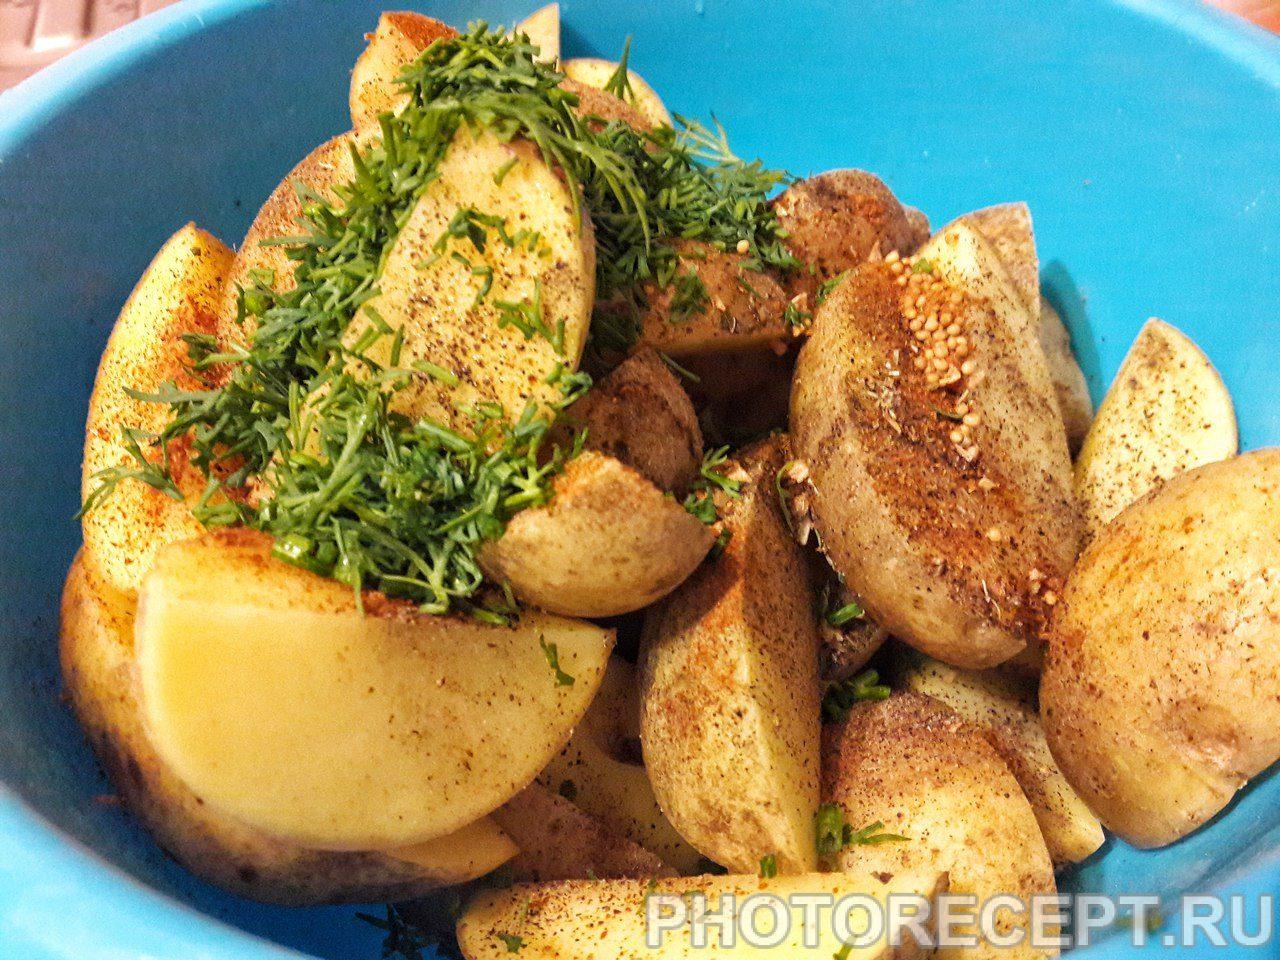 Печеный картофель рецепт фото